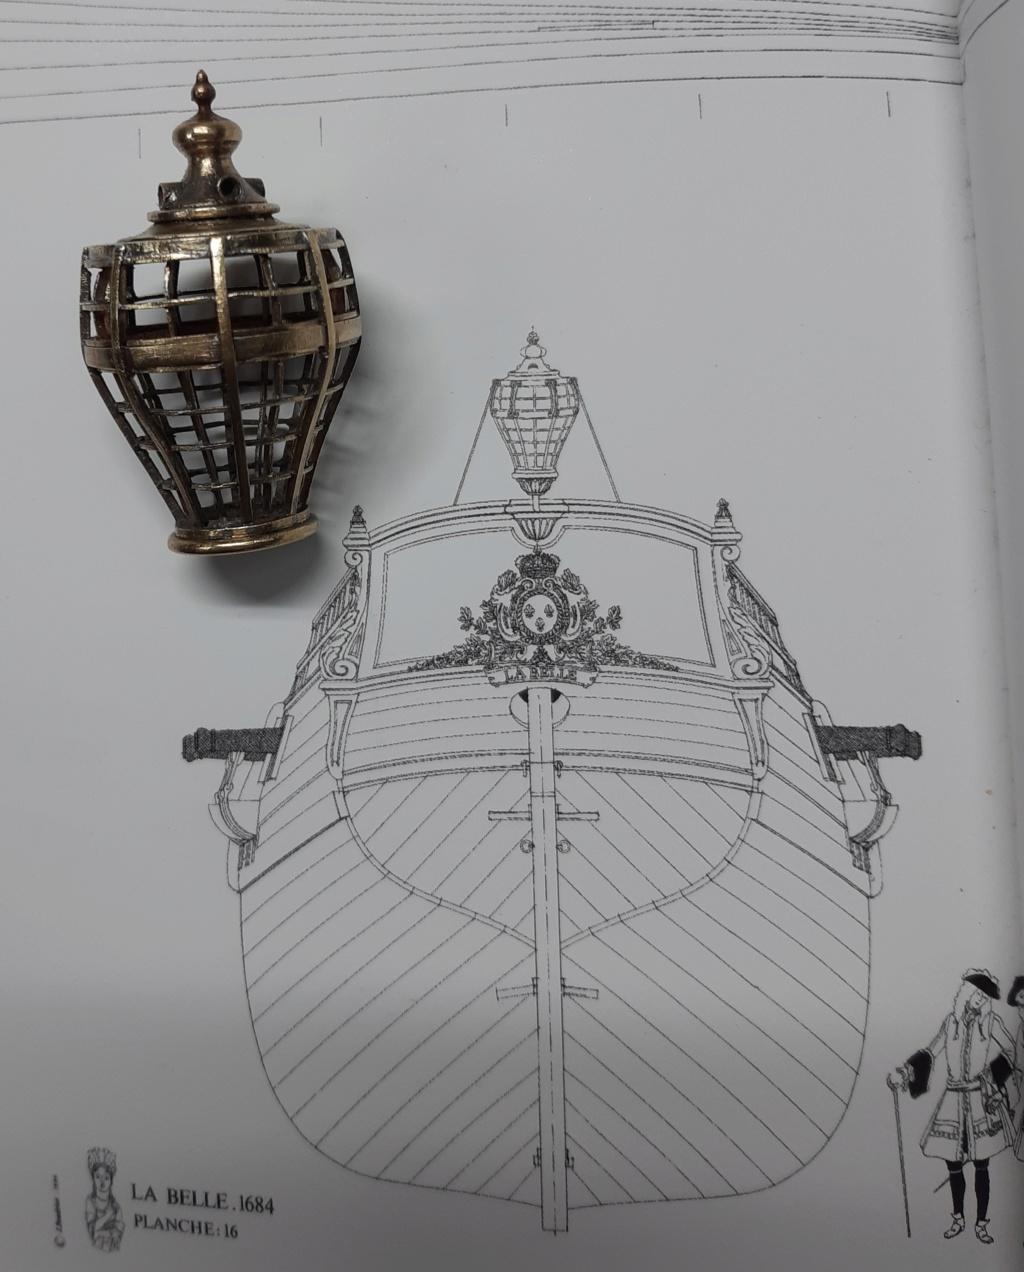 piani - La Belle 1684 scala 1/24  piani ANCRE cantiere di grisuzone  - Pagina 10 Rim20128